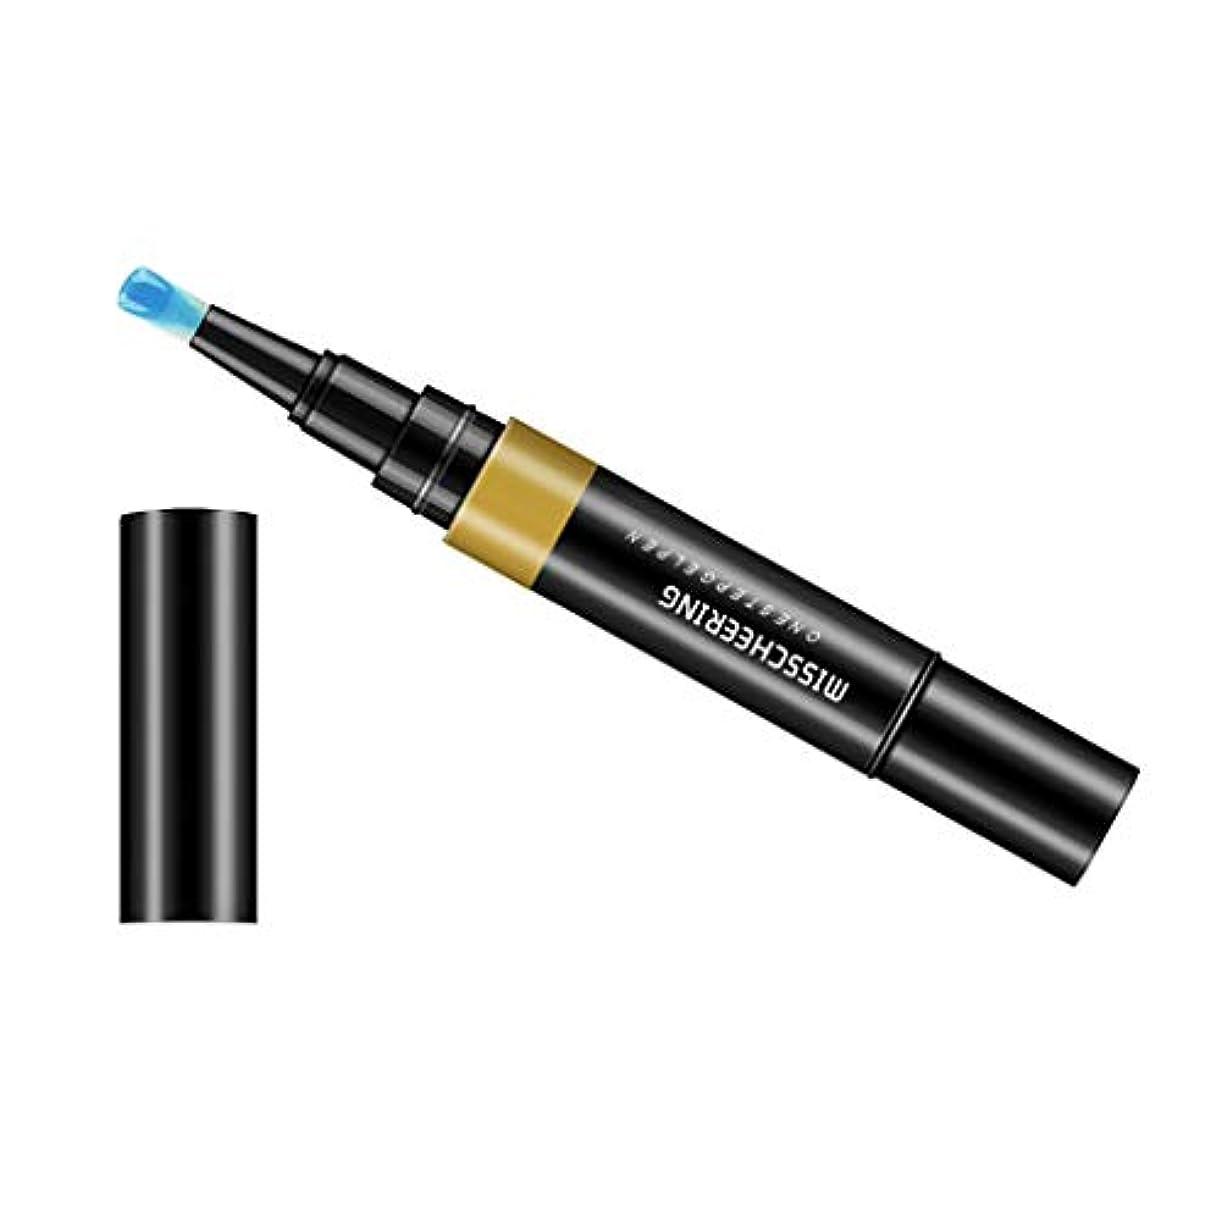 通り分配します余計なネイルアートペン マニキュアペン セルフネイル 3 in 1 カラージェル ネイルデザイン ジェルネイル - ブルー